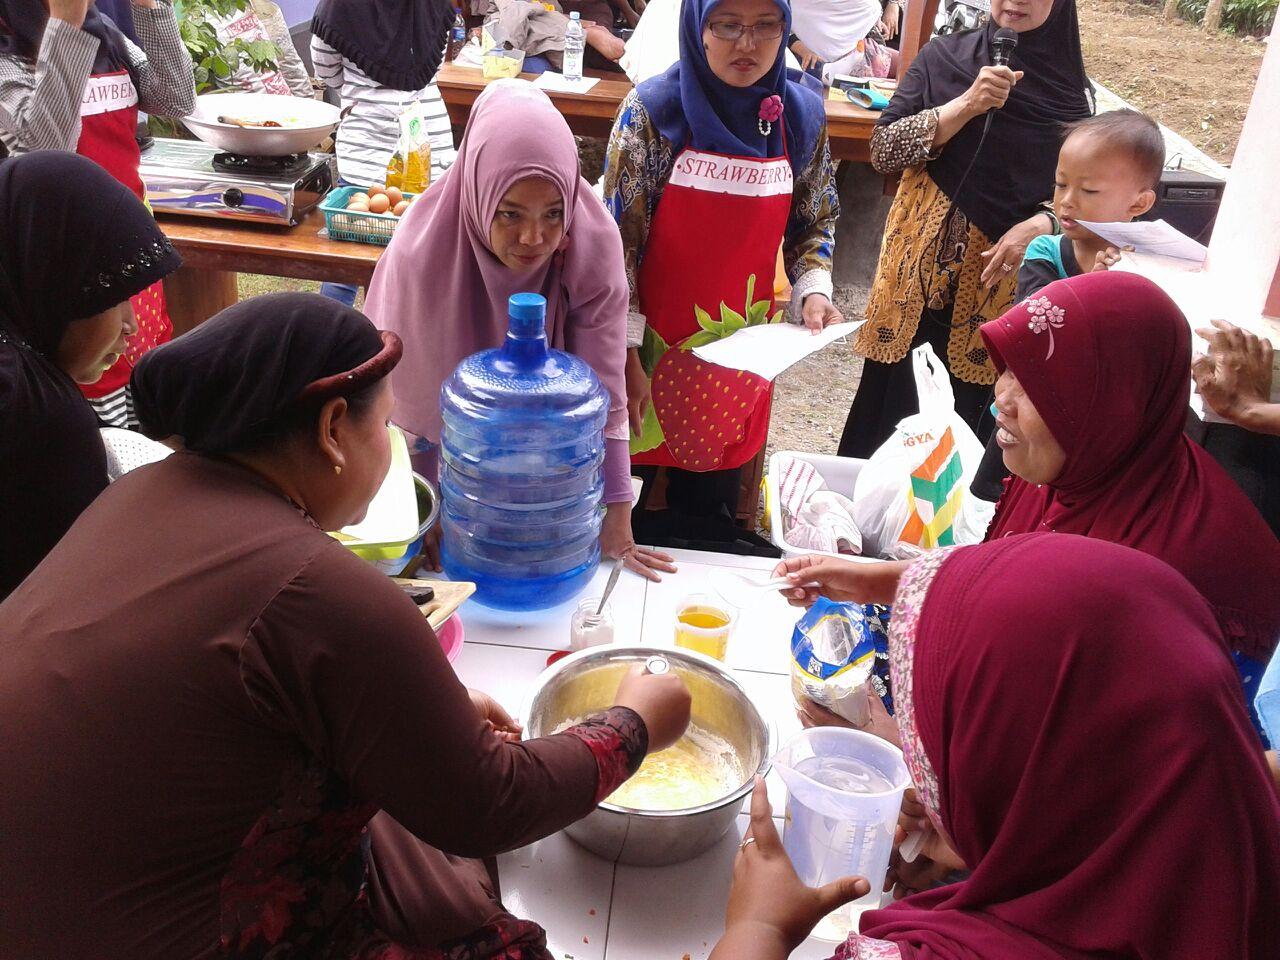 Mengolah bahan mentah untuk dijadikan nugget lele (dok. villagerspost.com/tim jurnalis desa kalensari)